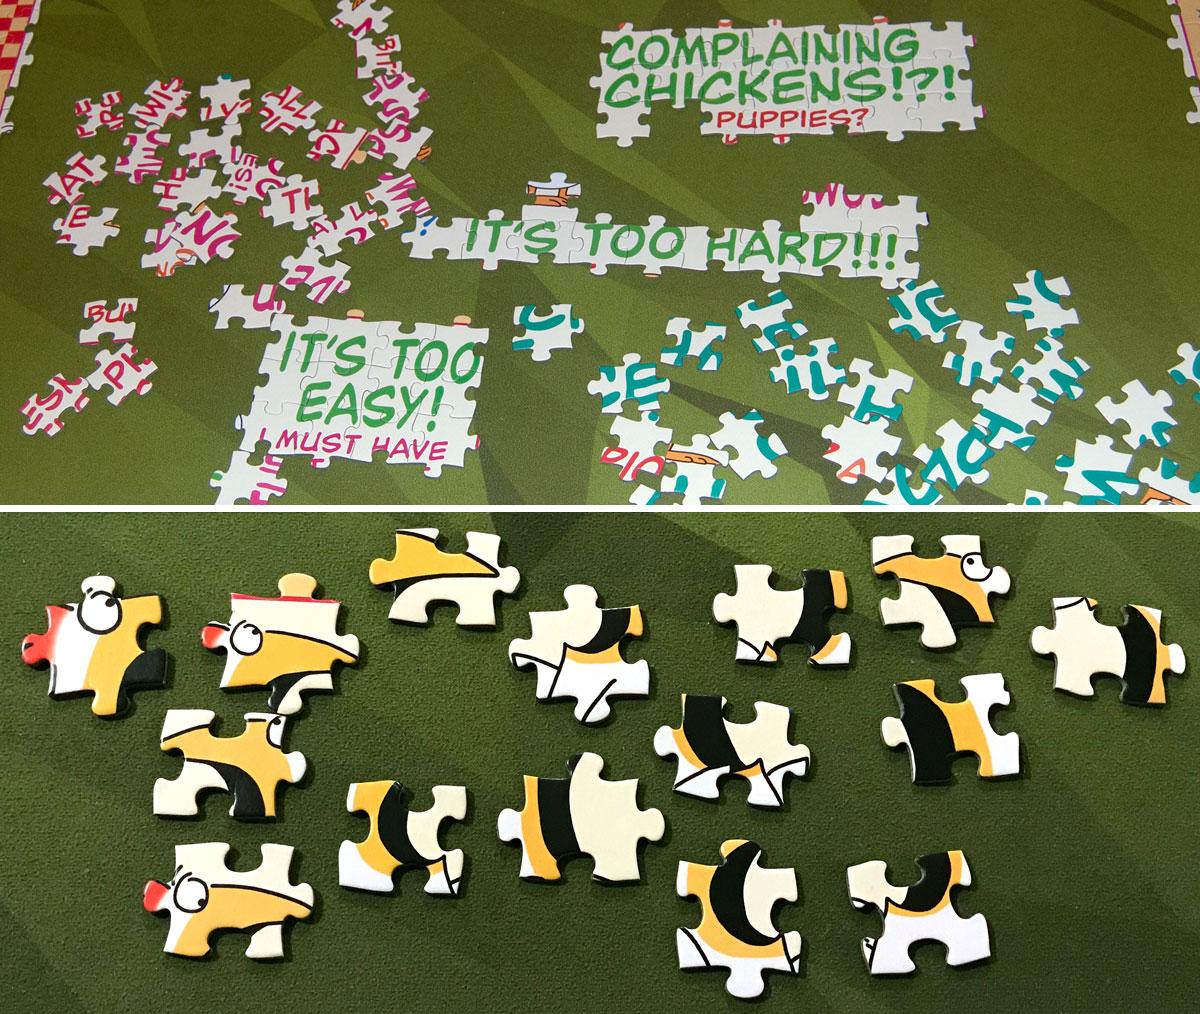 Puzzle Complaints Puzzle in progress